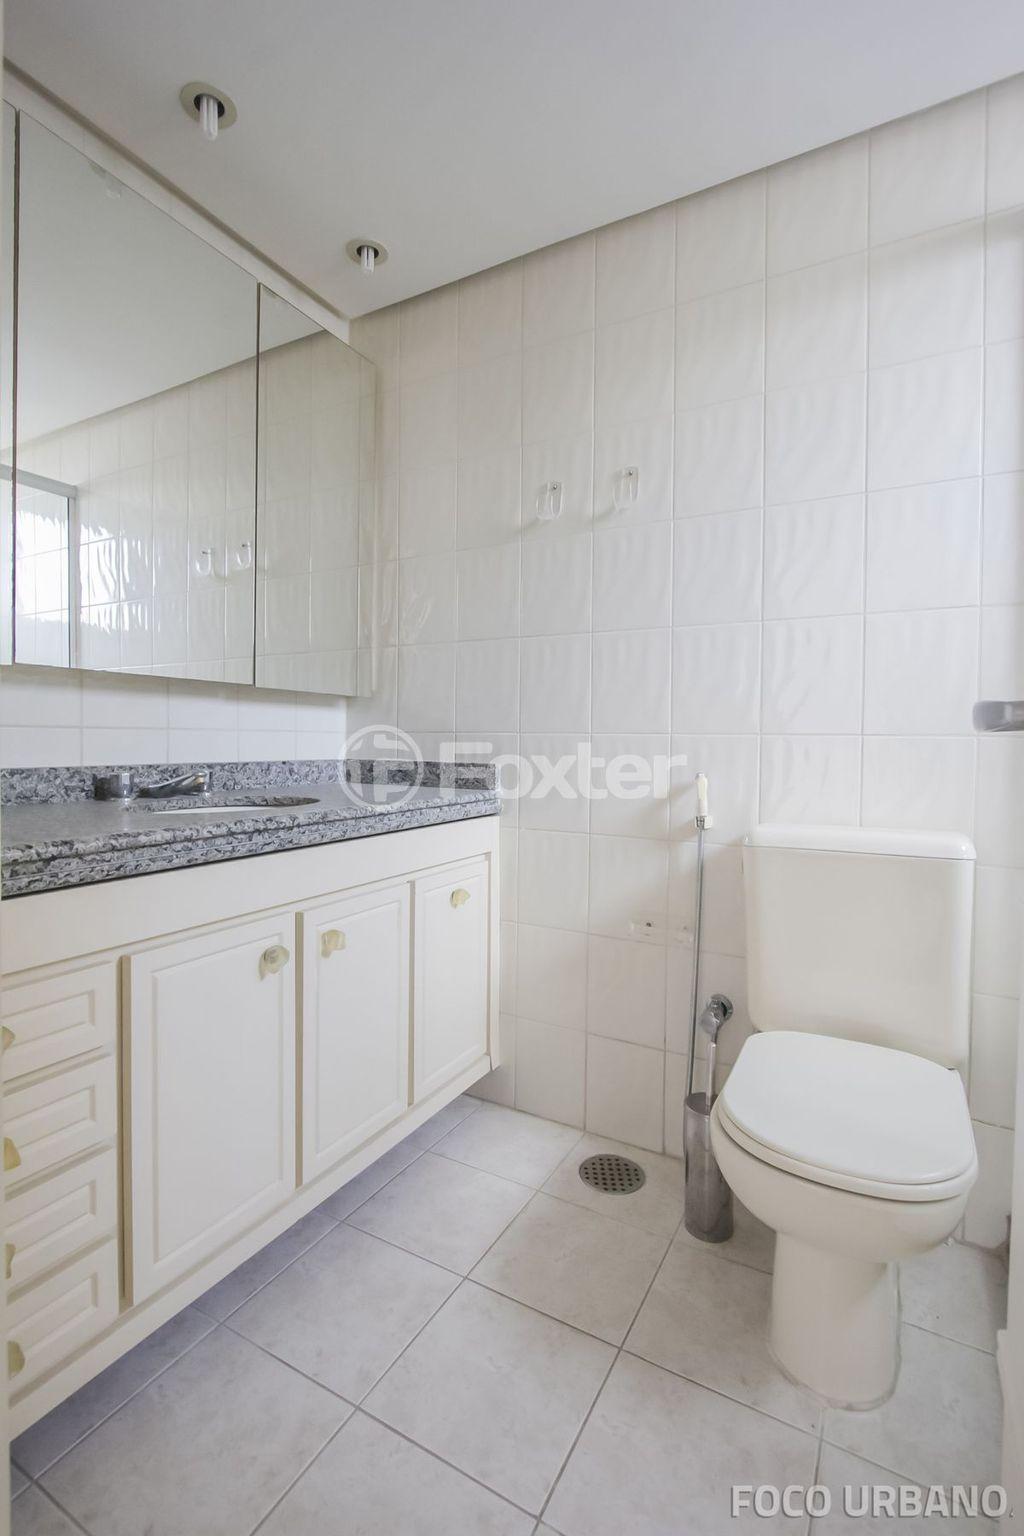 Foxter Imobiliária - Cobertura 3 Dorm (137146) - Foto 24